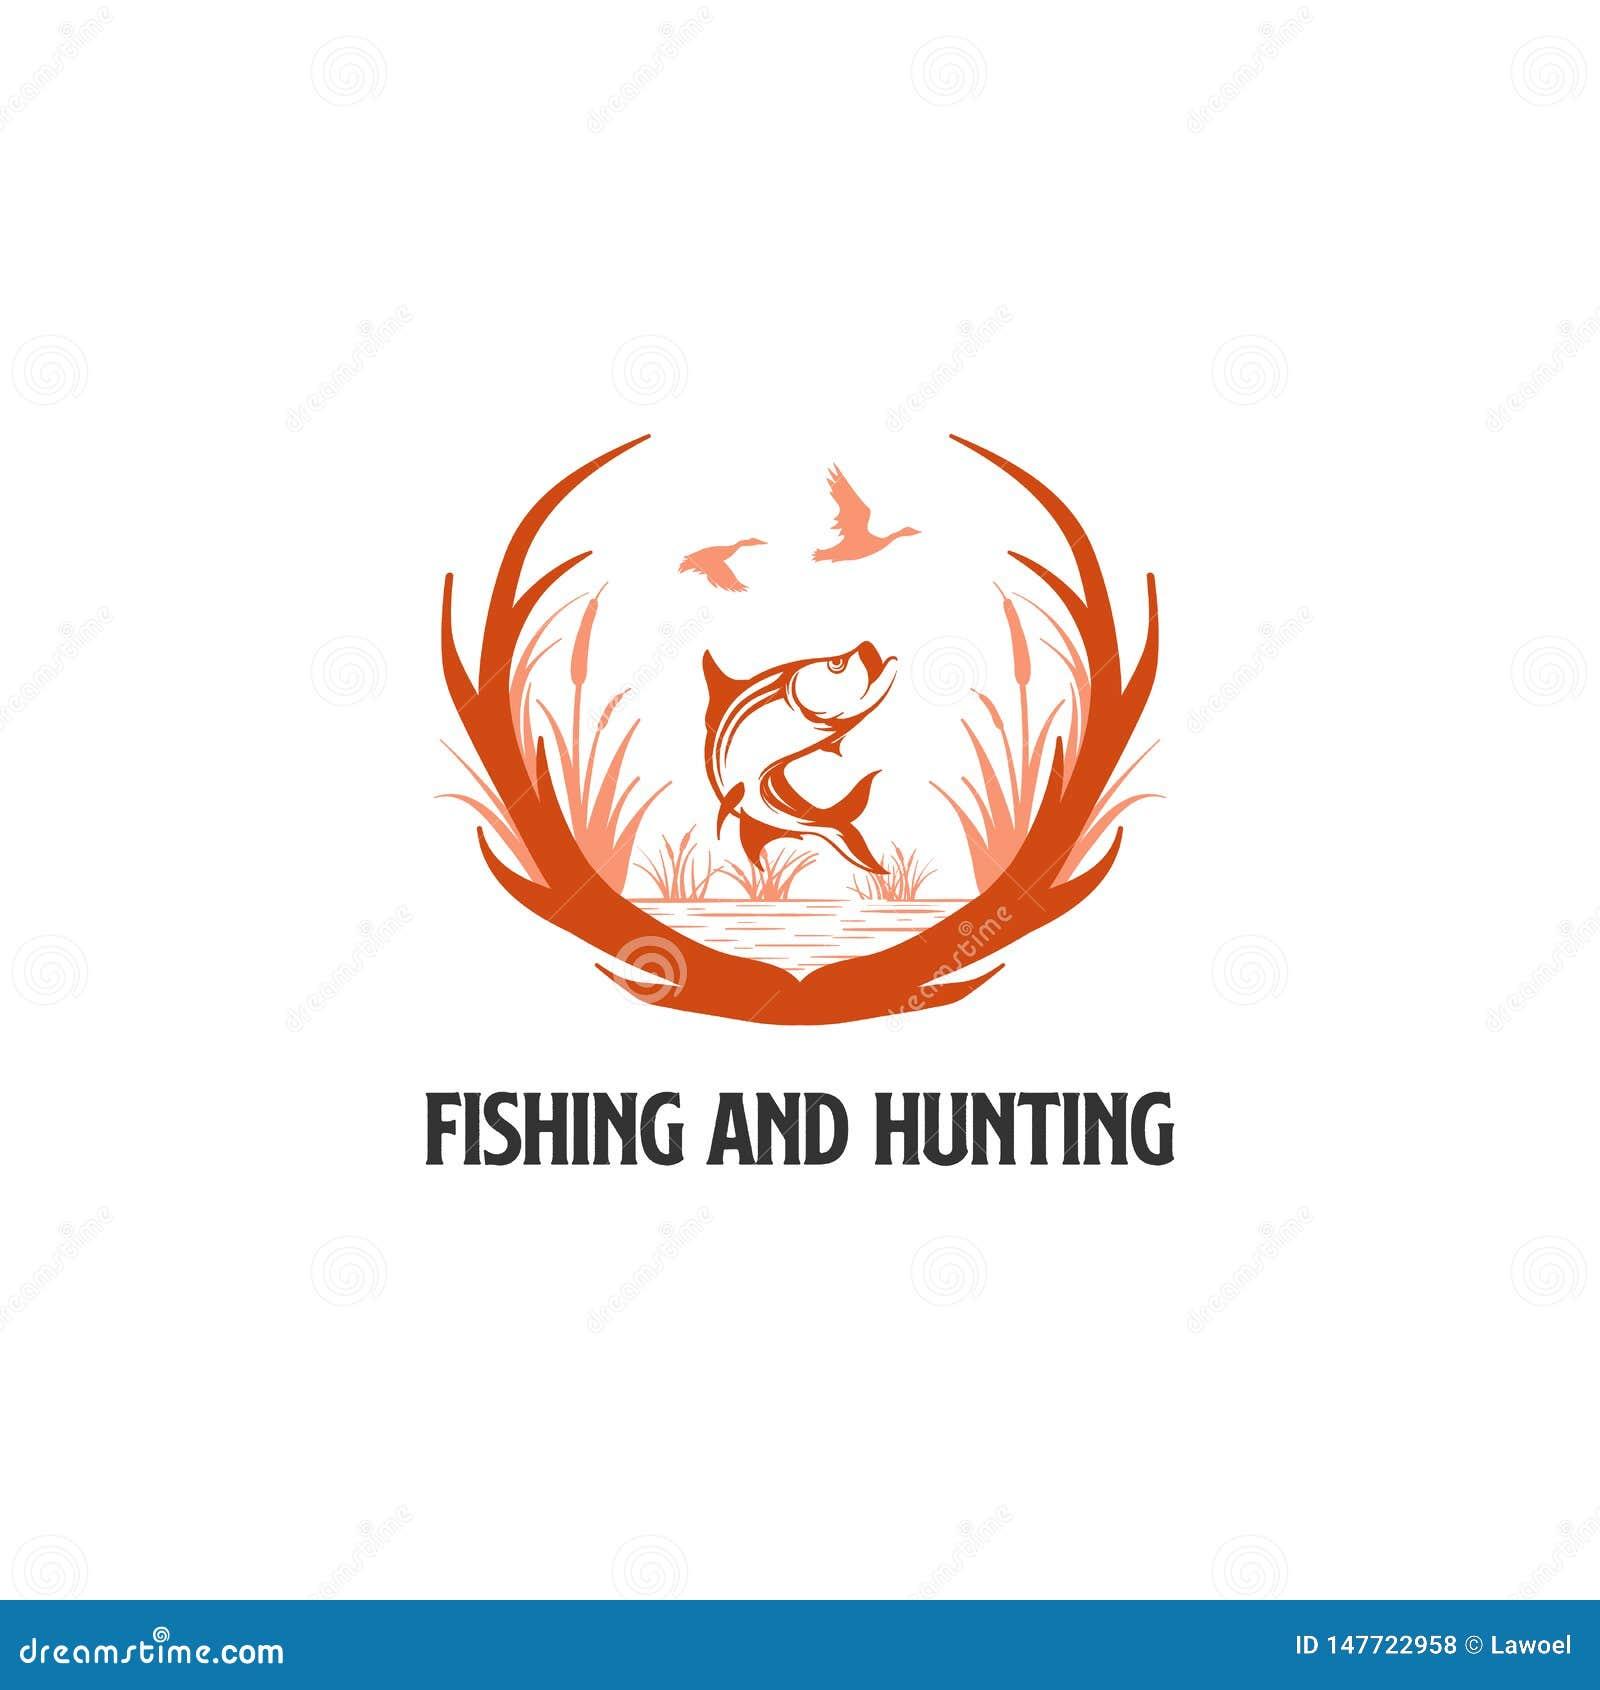 Hunter Club Abstract Vintage Label of Logo Template met Geweitakken, Texturen en Retro Typografie Ook Goed voor Affiches, Flayers